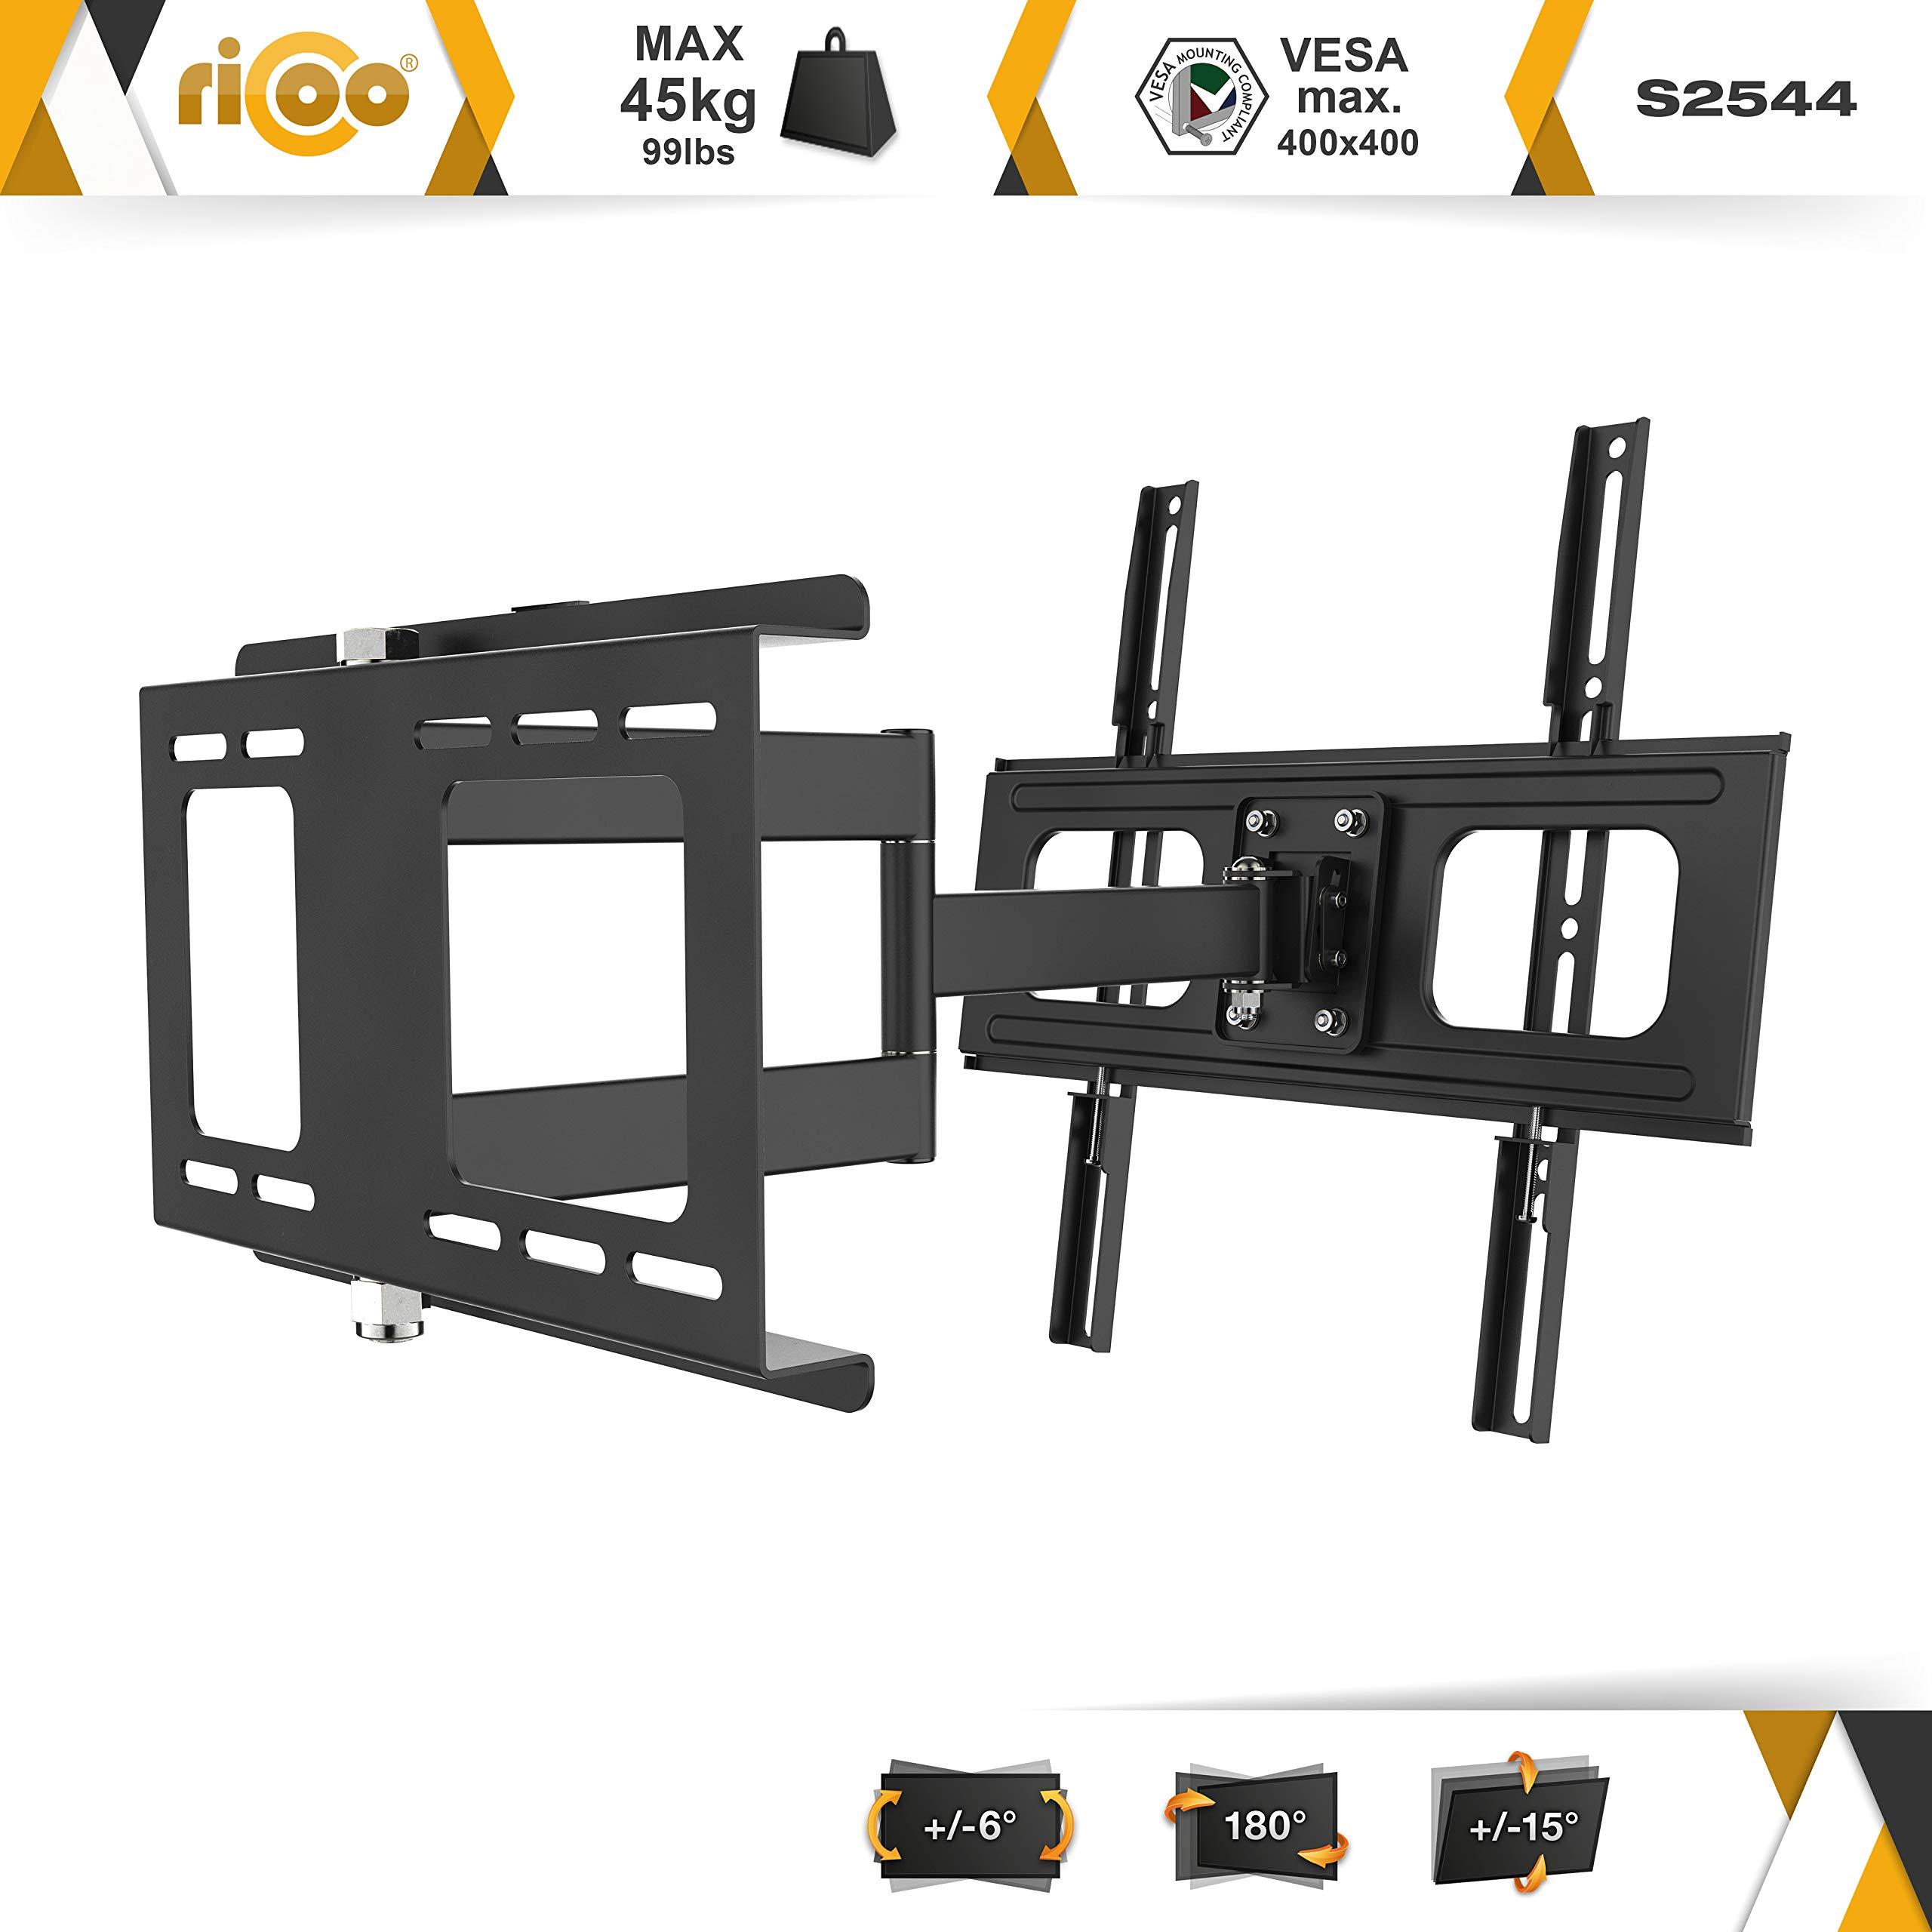 RICOO S2544, Soporte TV Pared, Giratorio, Inclinable, Televisión ...